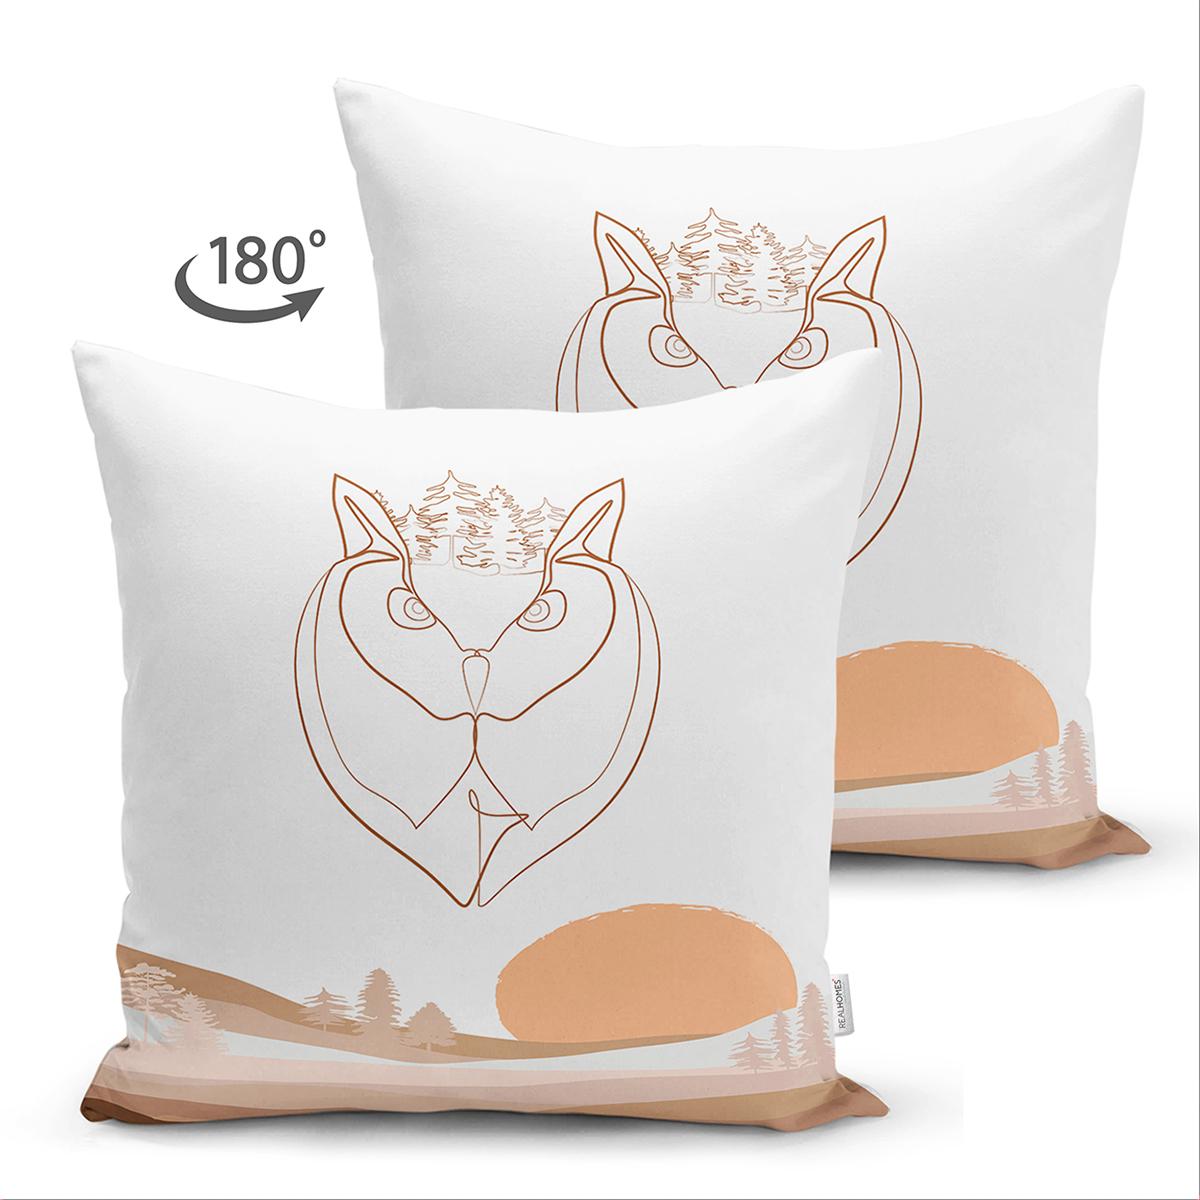 Çift Taraflı Beyaz Zemin Üzerinde Onedraw Çizimli Baykuş Desenli Süet Yastık Kırlent Kılıfı Realhomes